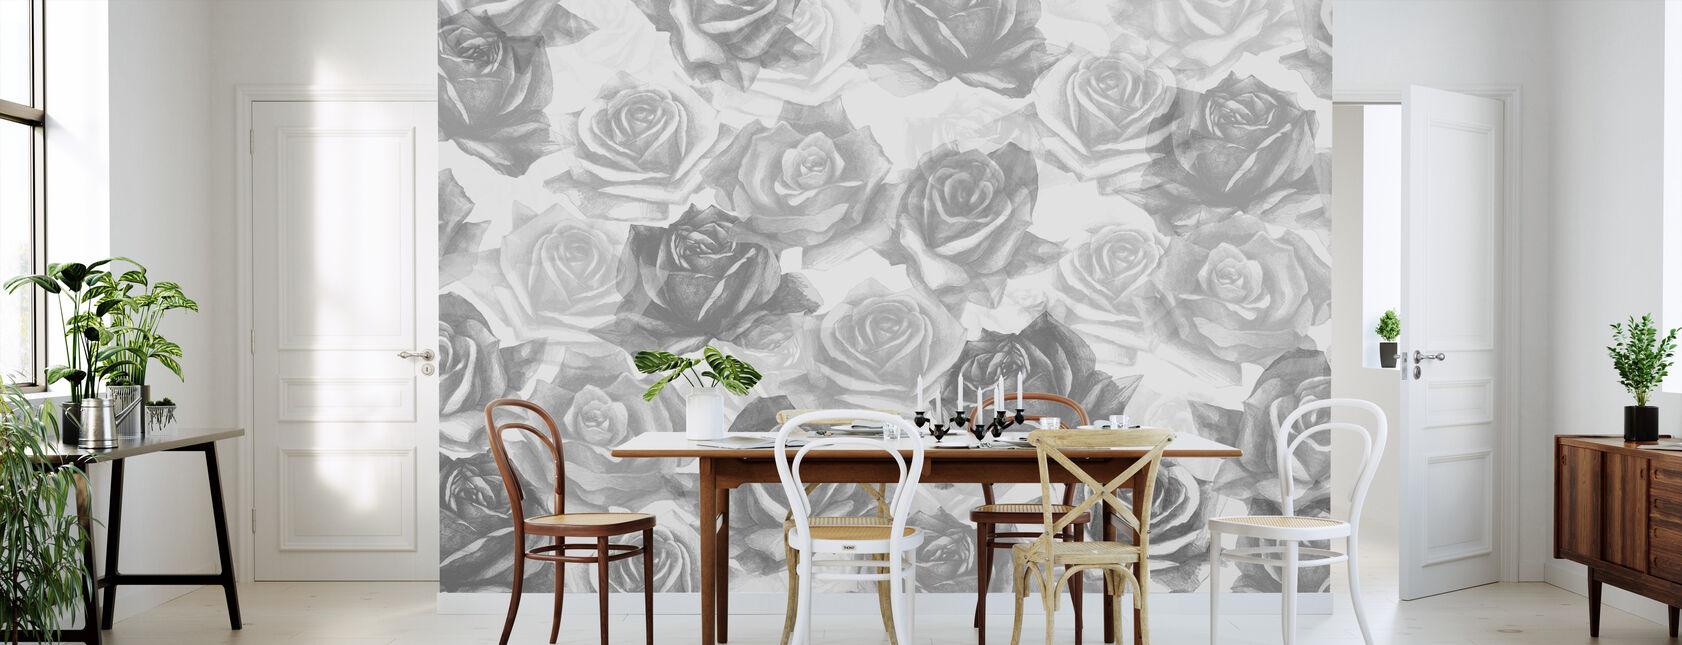 Mine grå roser - Tapet - Kjøkken